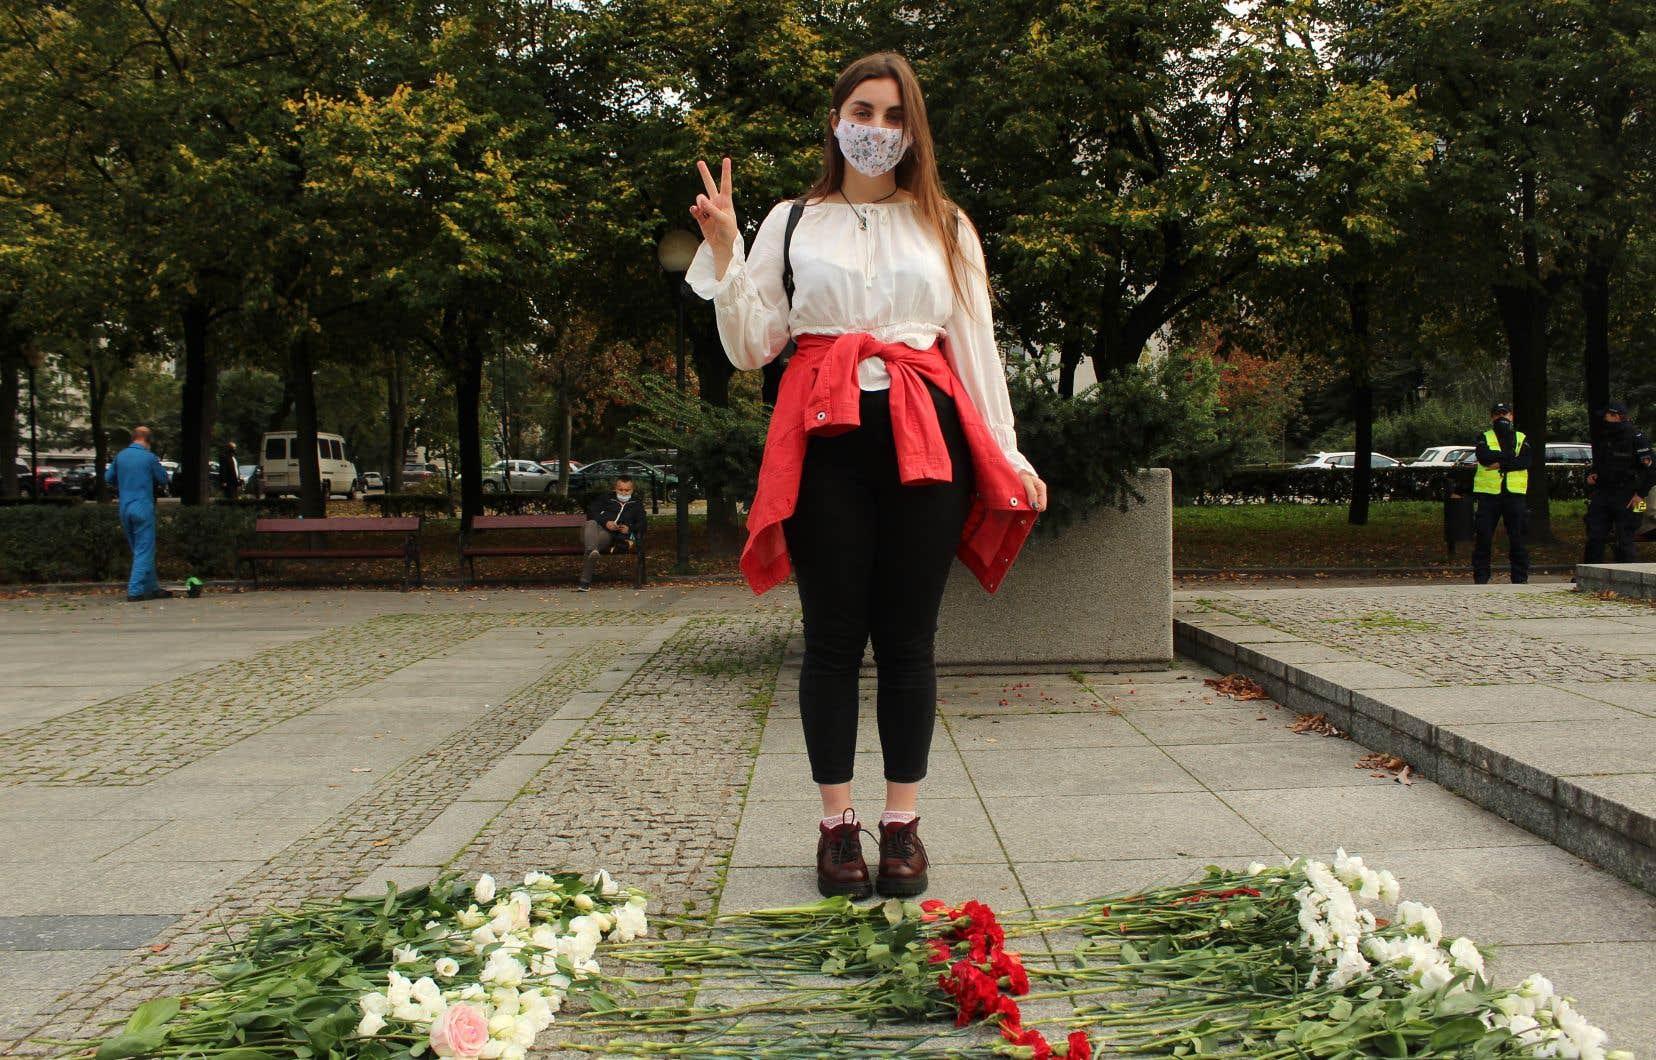 La répression du régime d'Alexandre Loukachenko, en Biélorussie, est particulièrement intense depuis l'élection frauduleuse du 9août dernier. Plusieurs Biélorusses ont décidé de fuir vers la Pologne. Parmi eux, Kristina Pauliukevich, 17 ans, ici photographiée lors d'une marche des femmes à Varsovie.